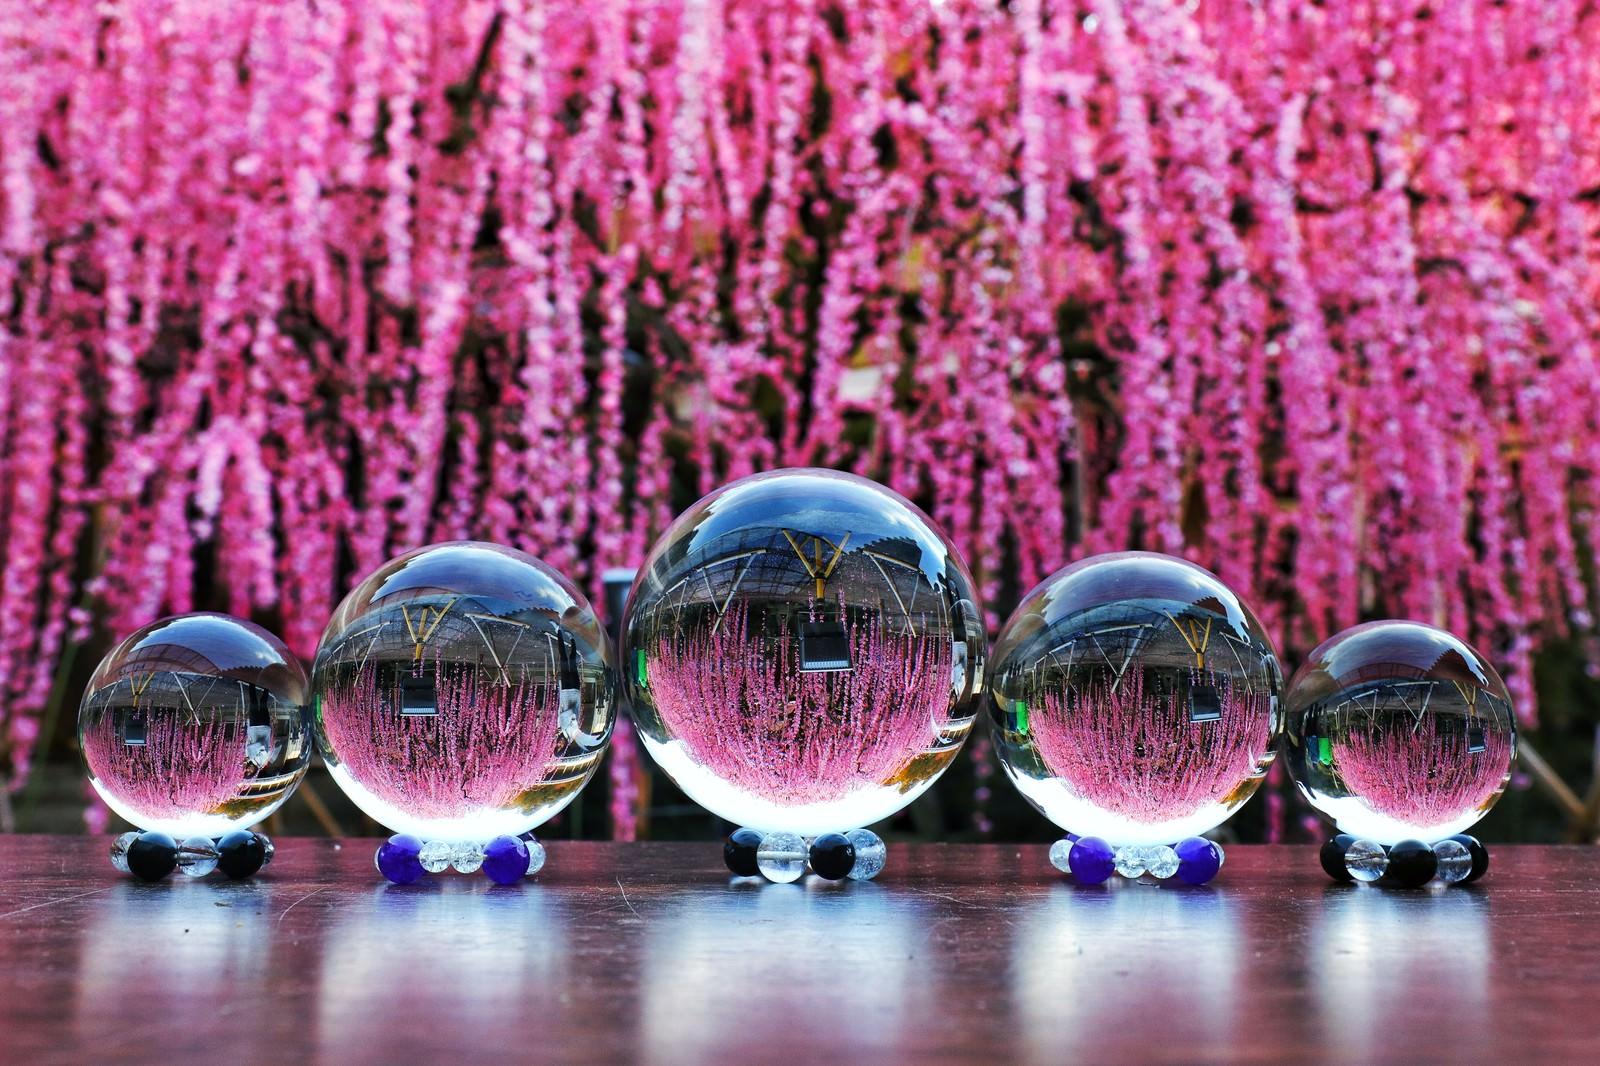 「枝垂れ梅と並ぶガラス玉」の写真